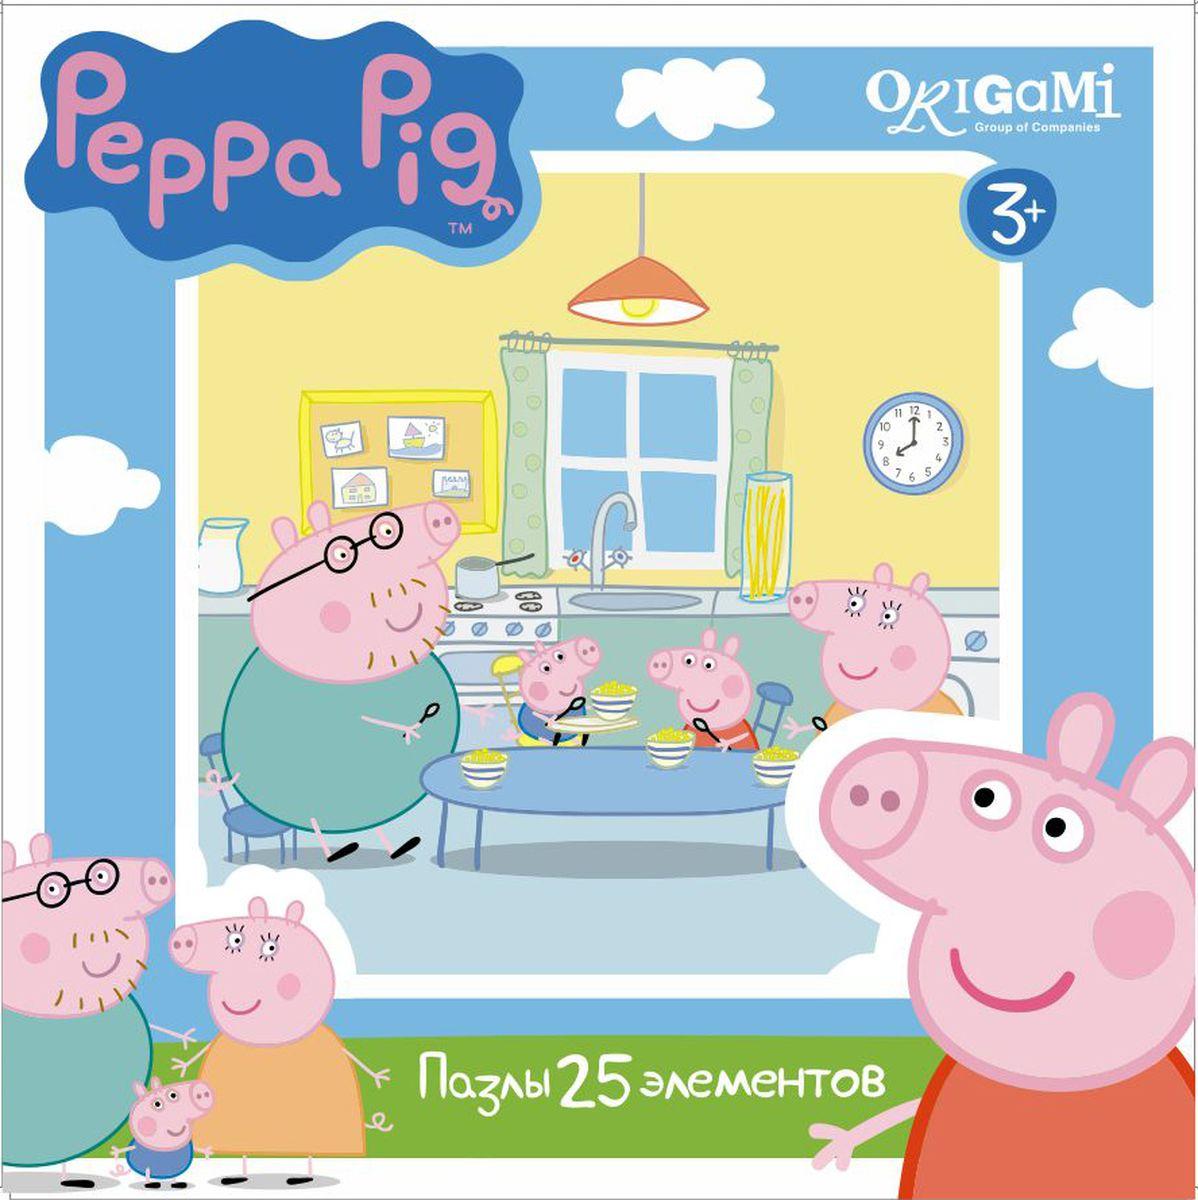 Оригами Пазл Peppa Pig 25A 0158101581Пазл Peppa Pig на 25 деталей. Пазл за пазлом ребёнок будет узнавать о весёлых приключениях Свинки Пеппы. Составление пазла станет развивающим досугом для малыша, т.к. тренирует пространственное мышление, моторику рук, а так же подарит хорошее настроение.